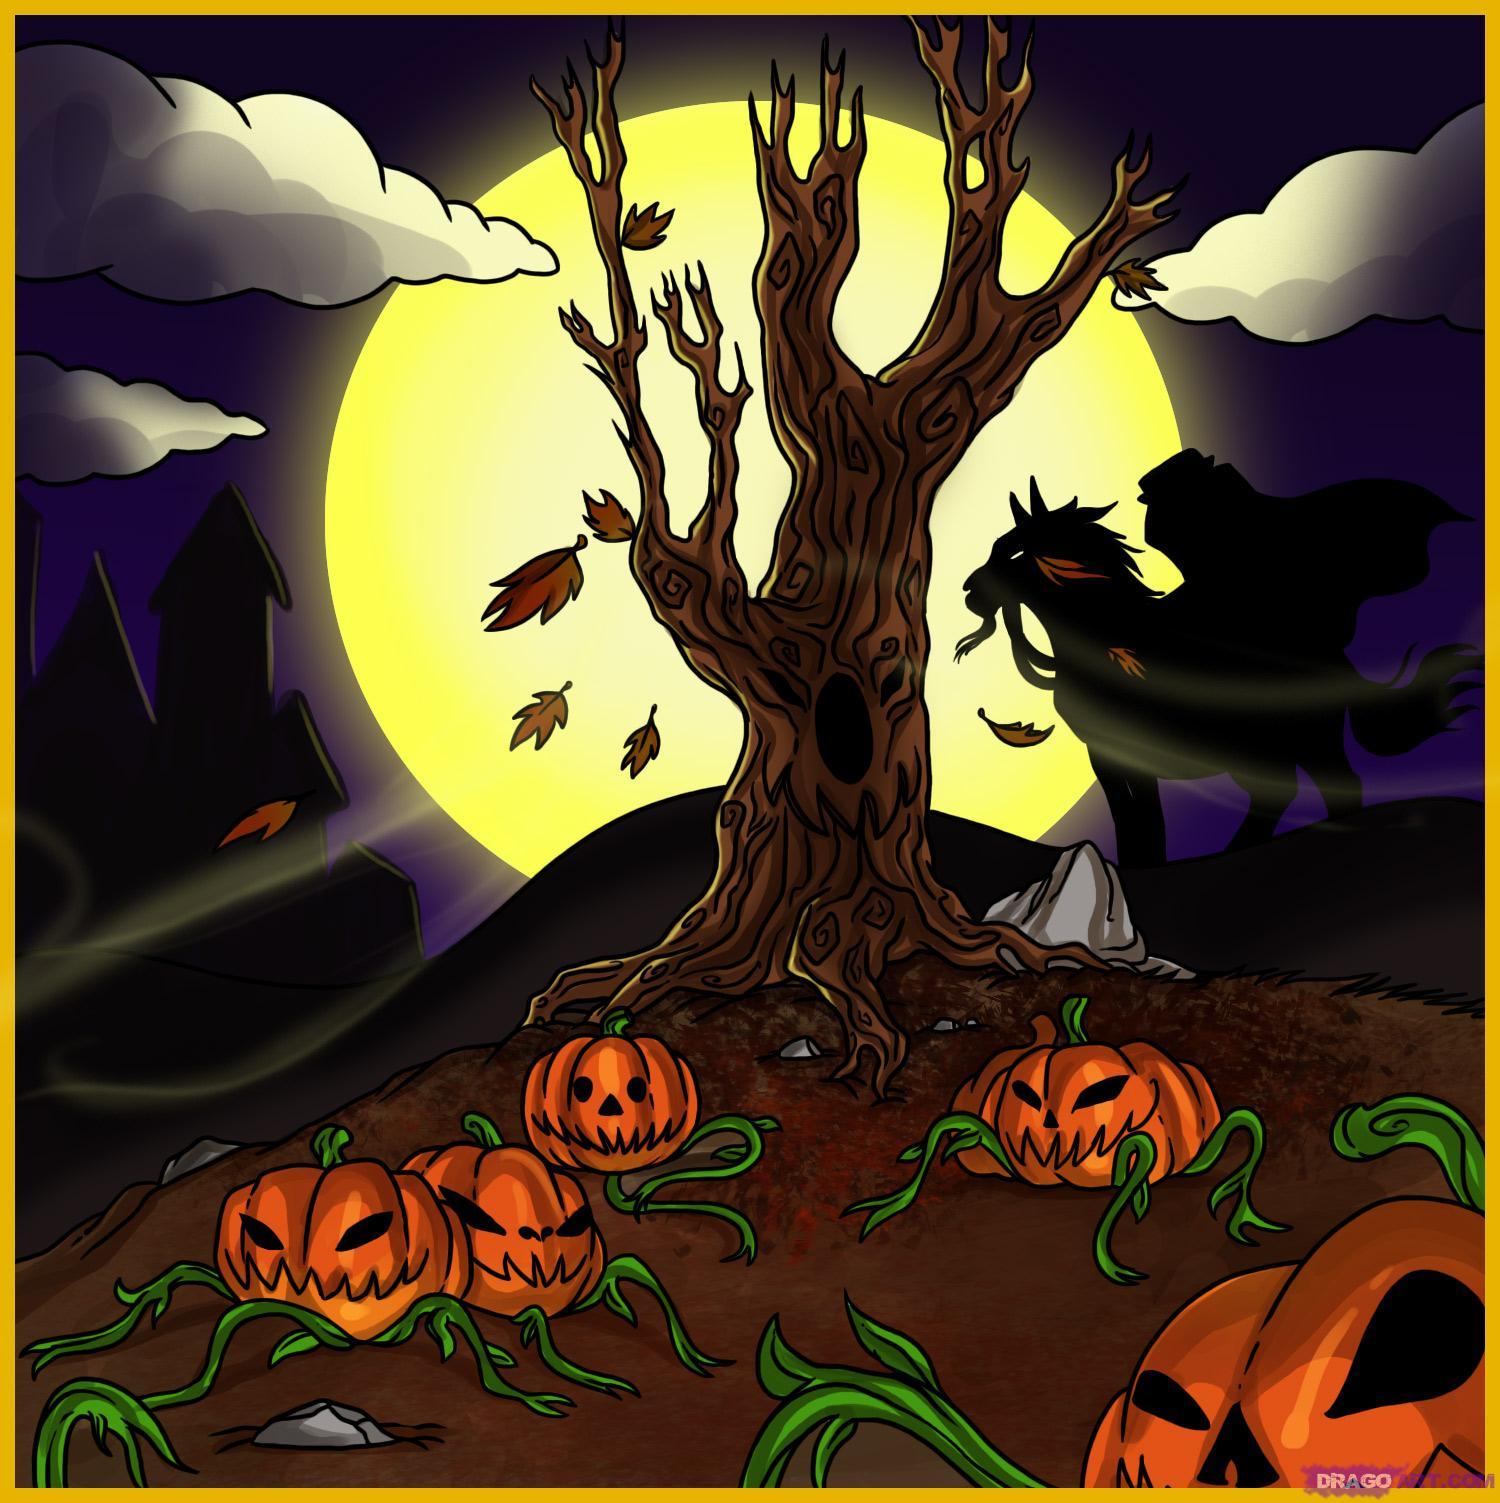 Drawn pumpkin halloween art Halloween How Draw a patch